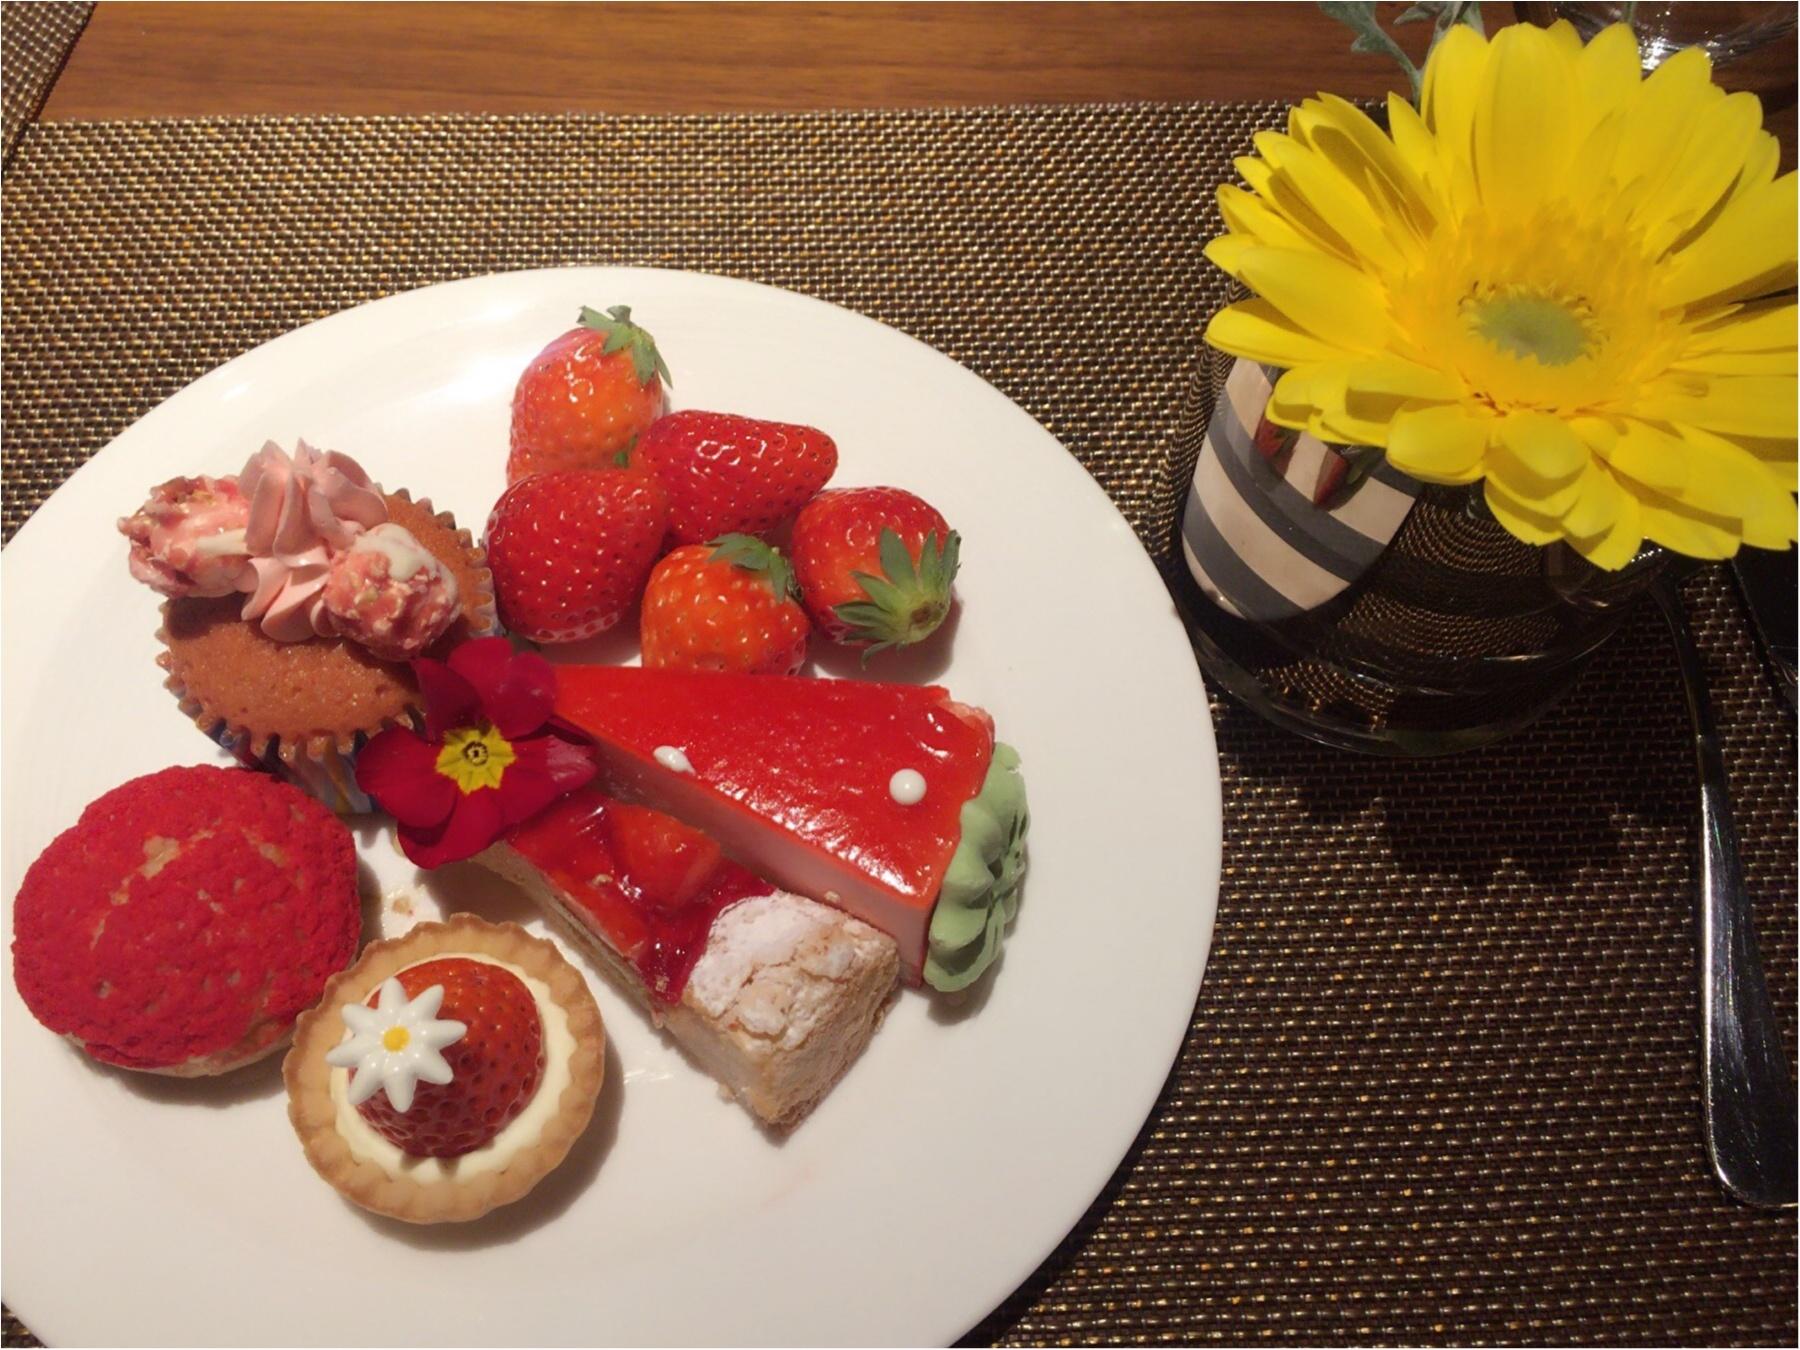 噂のヒルトン東京ホテルいちごビッフェで誕生日祝いしてもらいました♡_2